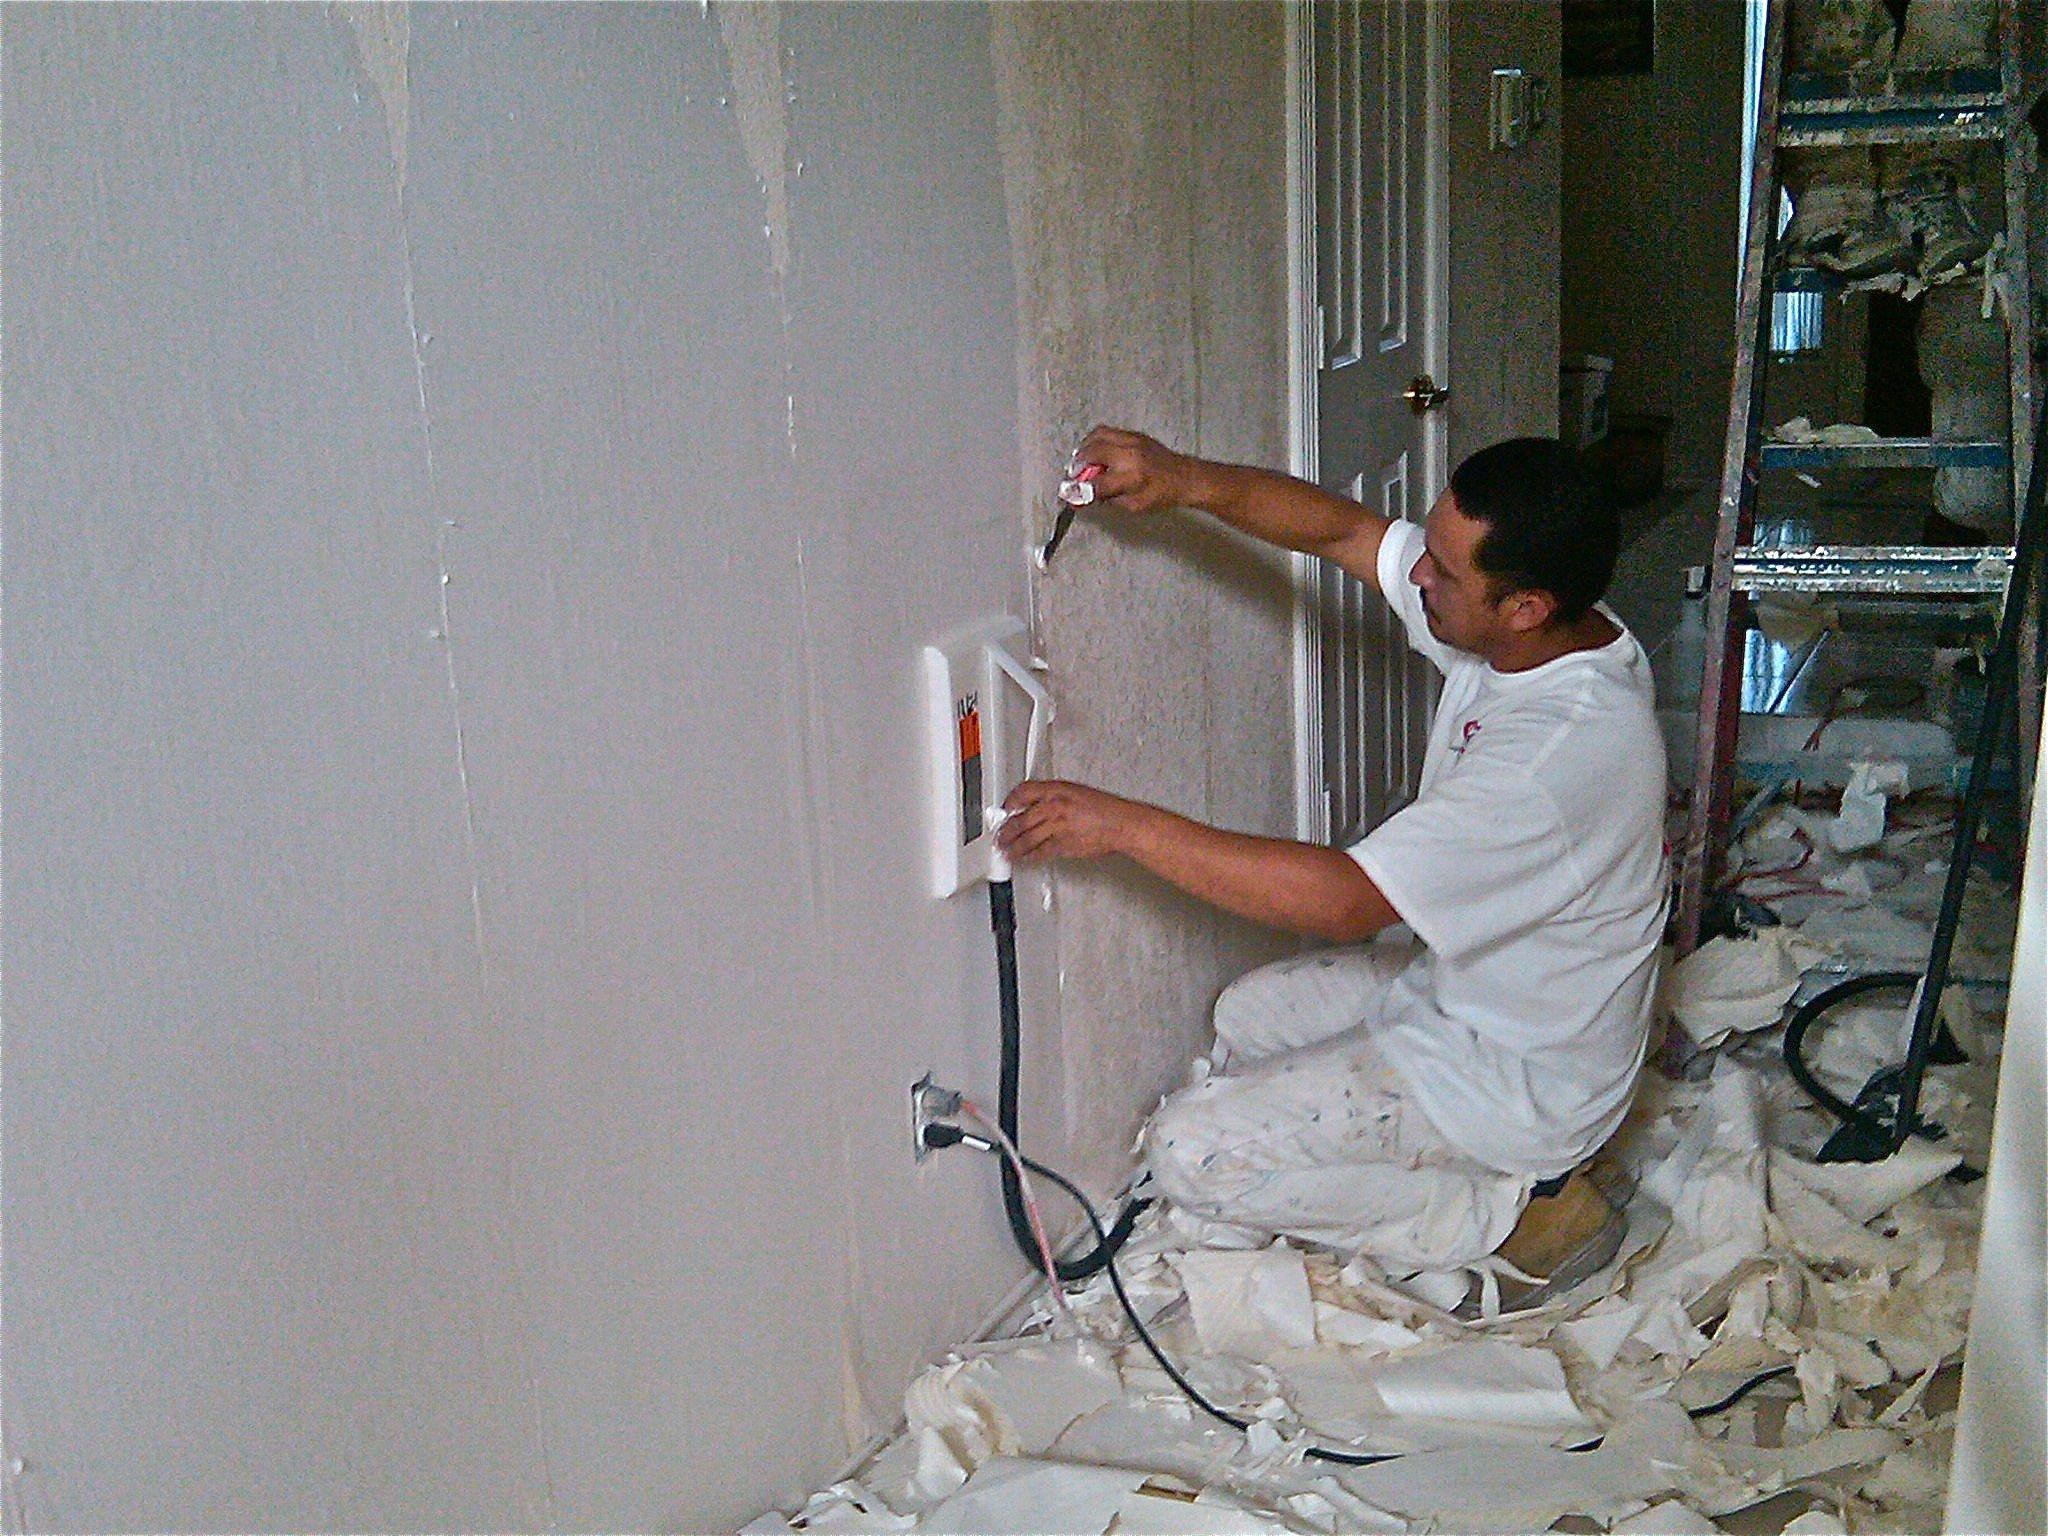 49+] Best Steamer for Wallpaper Removal